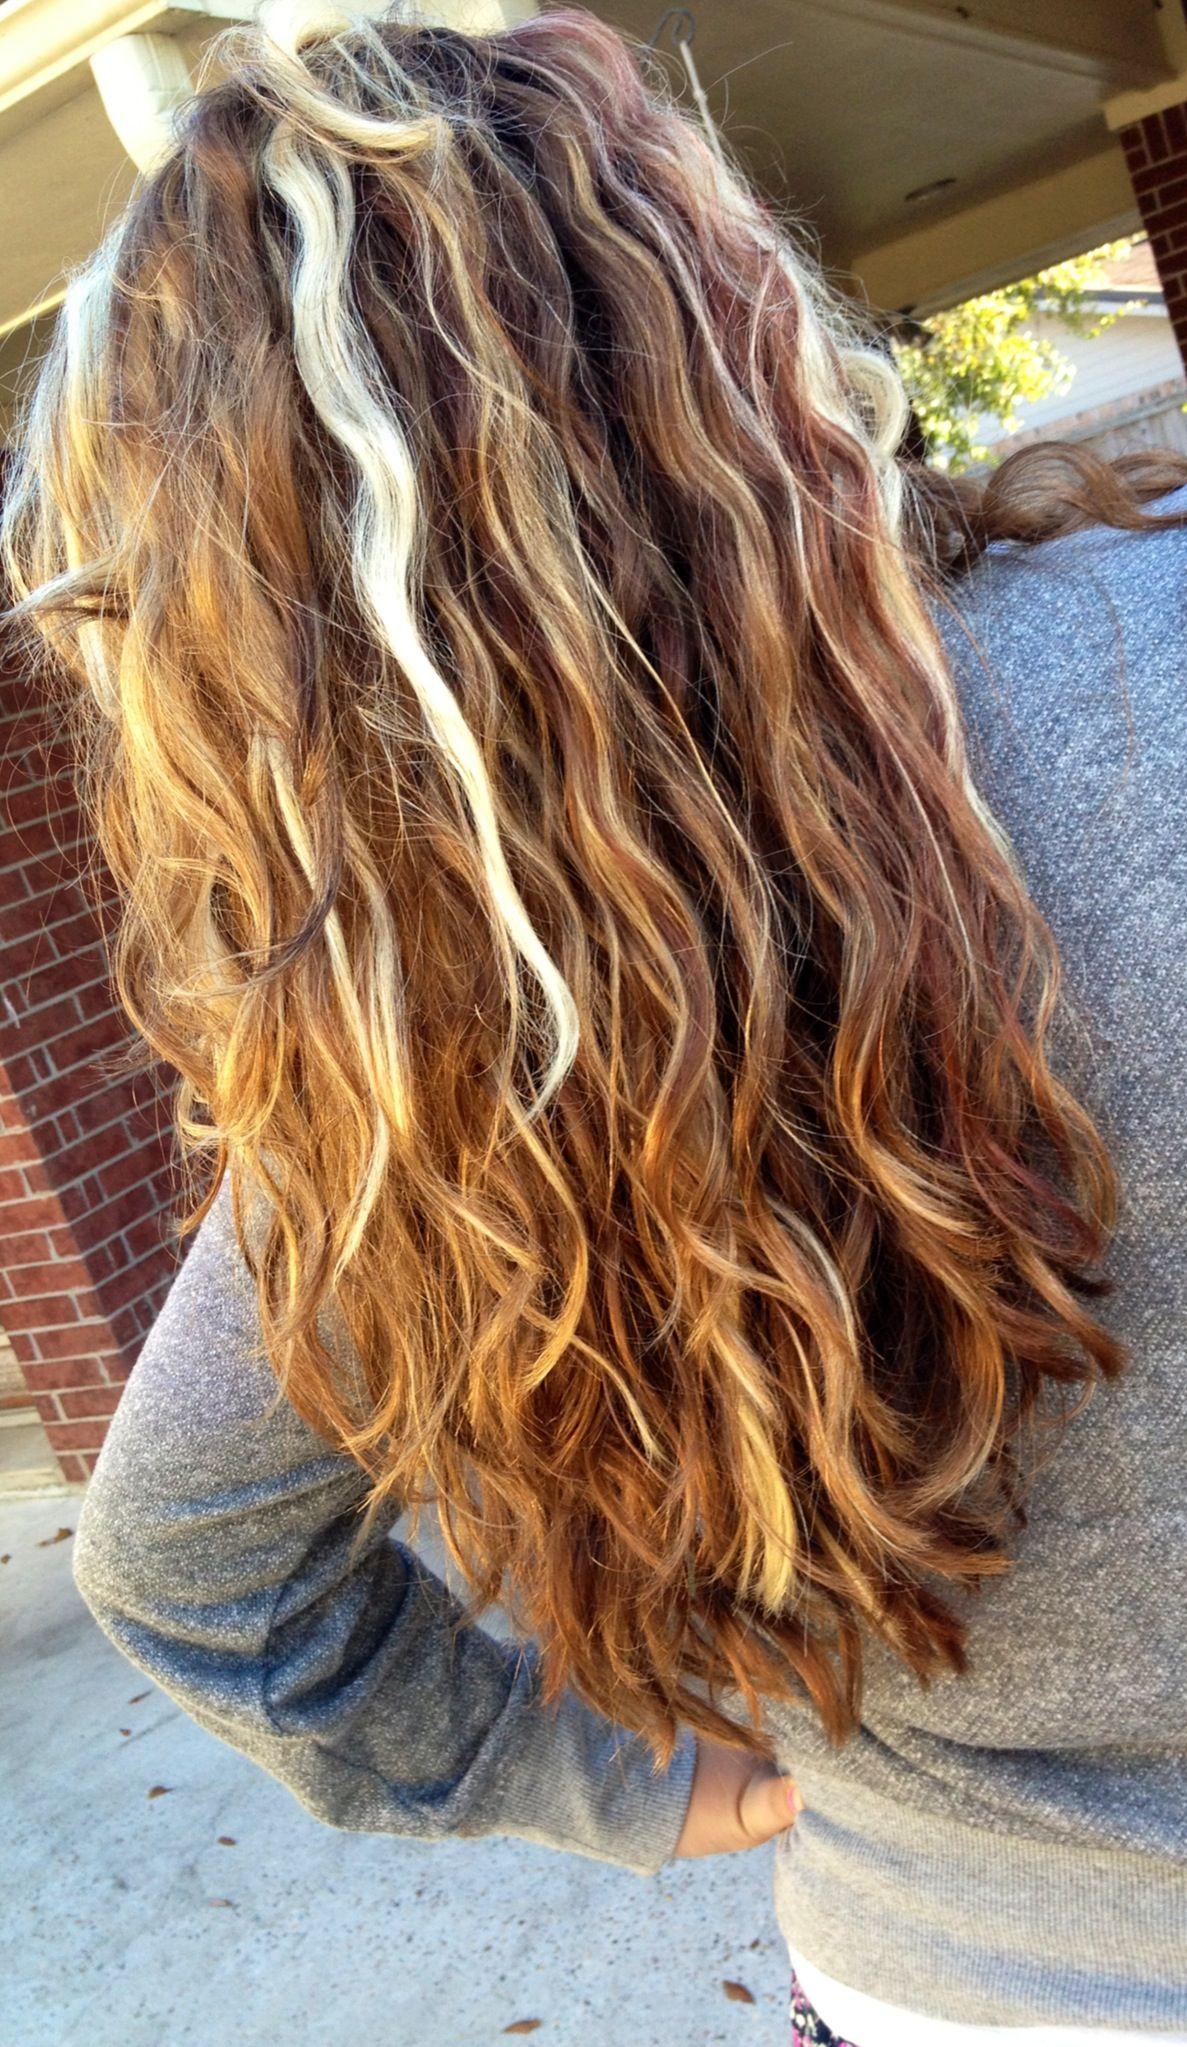 Bleach golden blonde highlights with plum lowlights hair